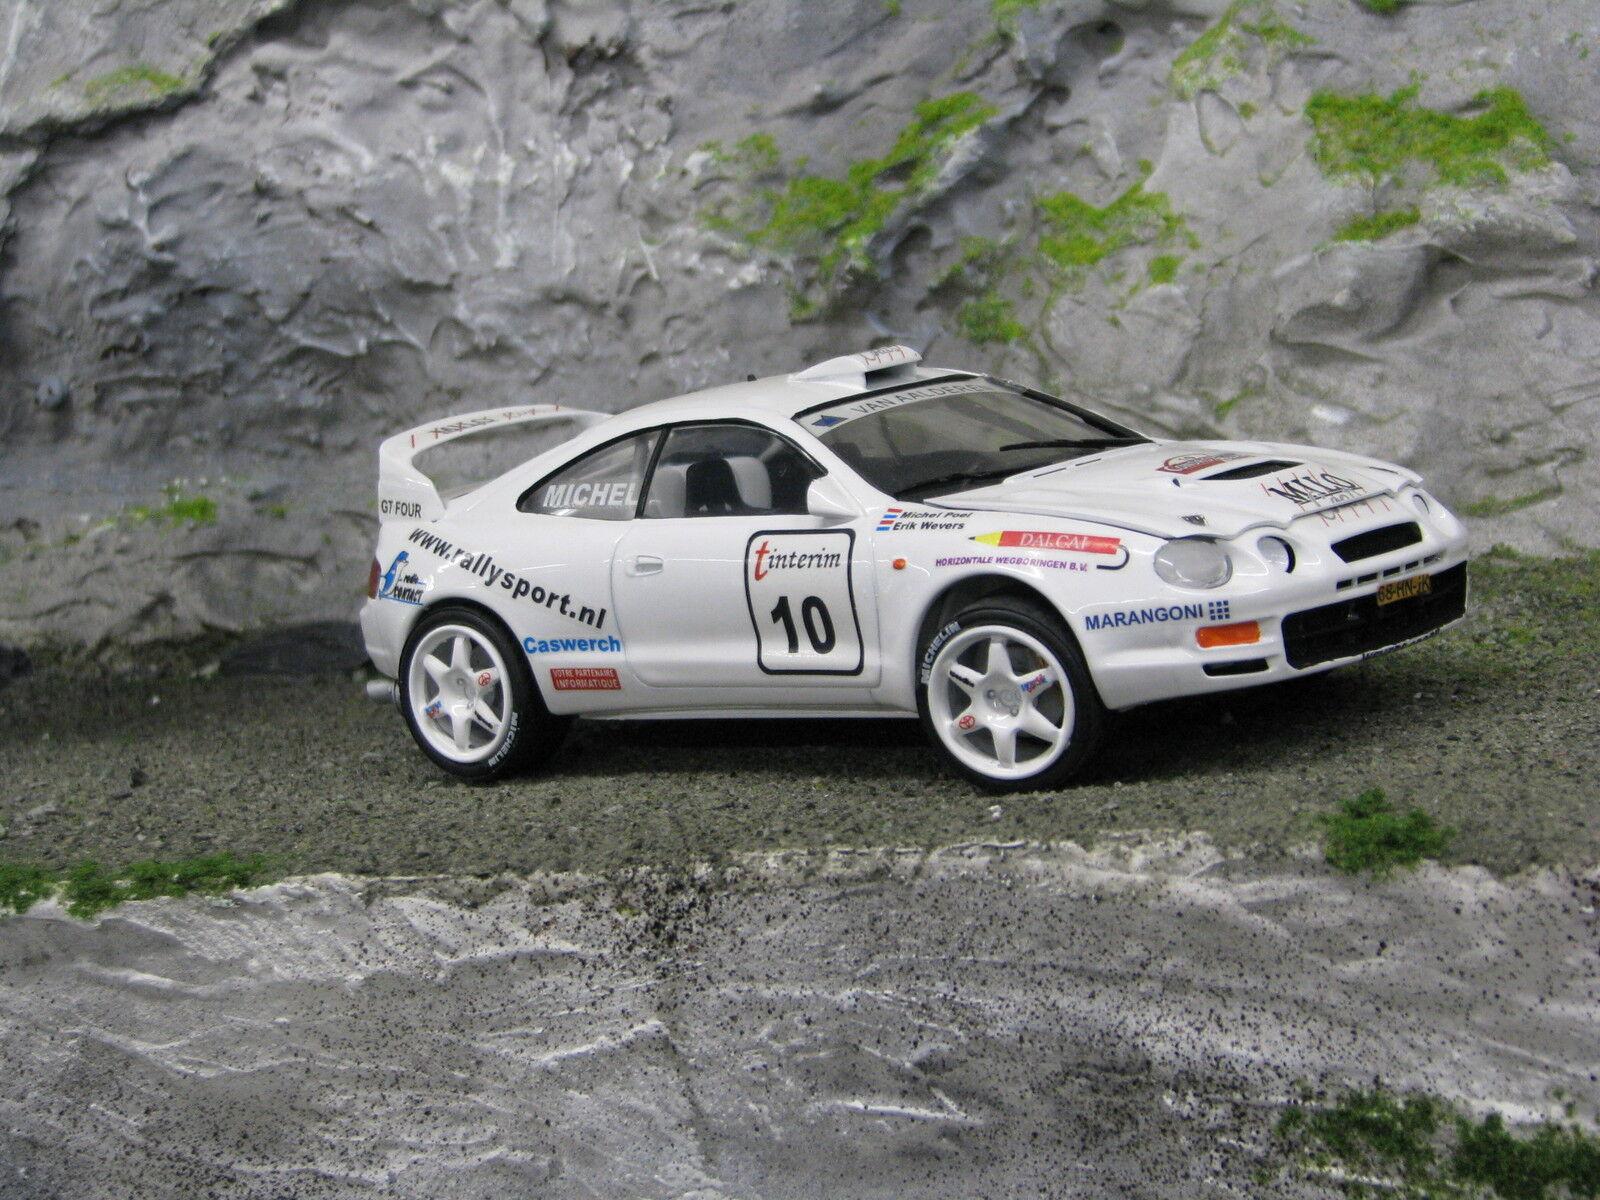 QSP QSP QSP Toyota Celica GT-Four 1995 1 24 Wevers   Poel Rallye du Condroz-Huy 2001 a71e5a